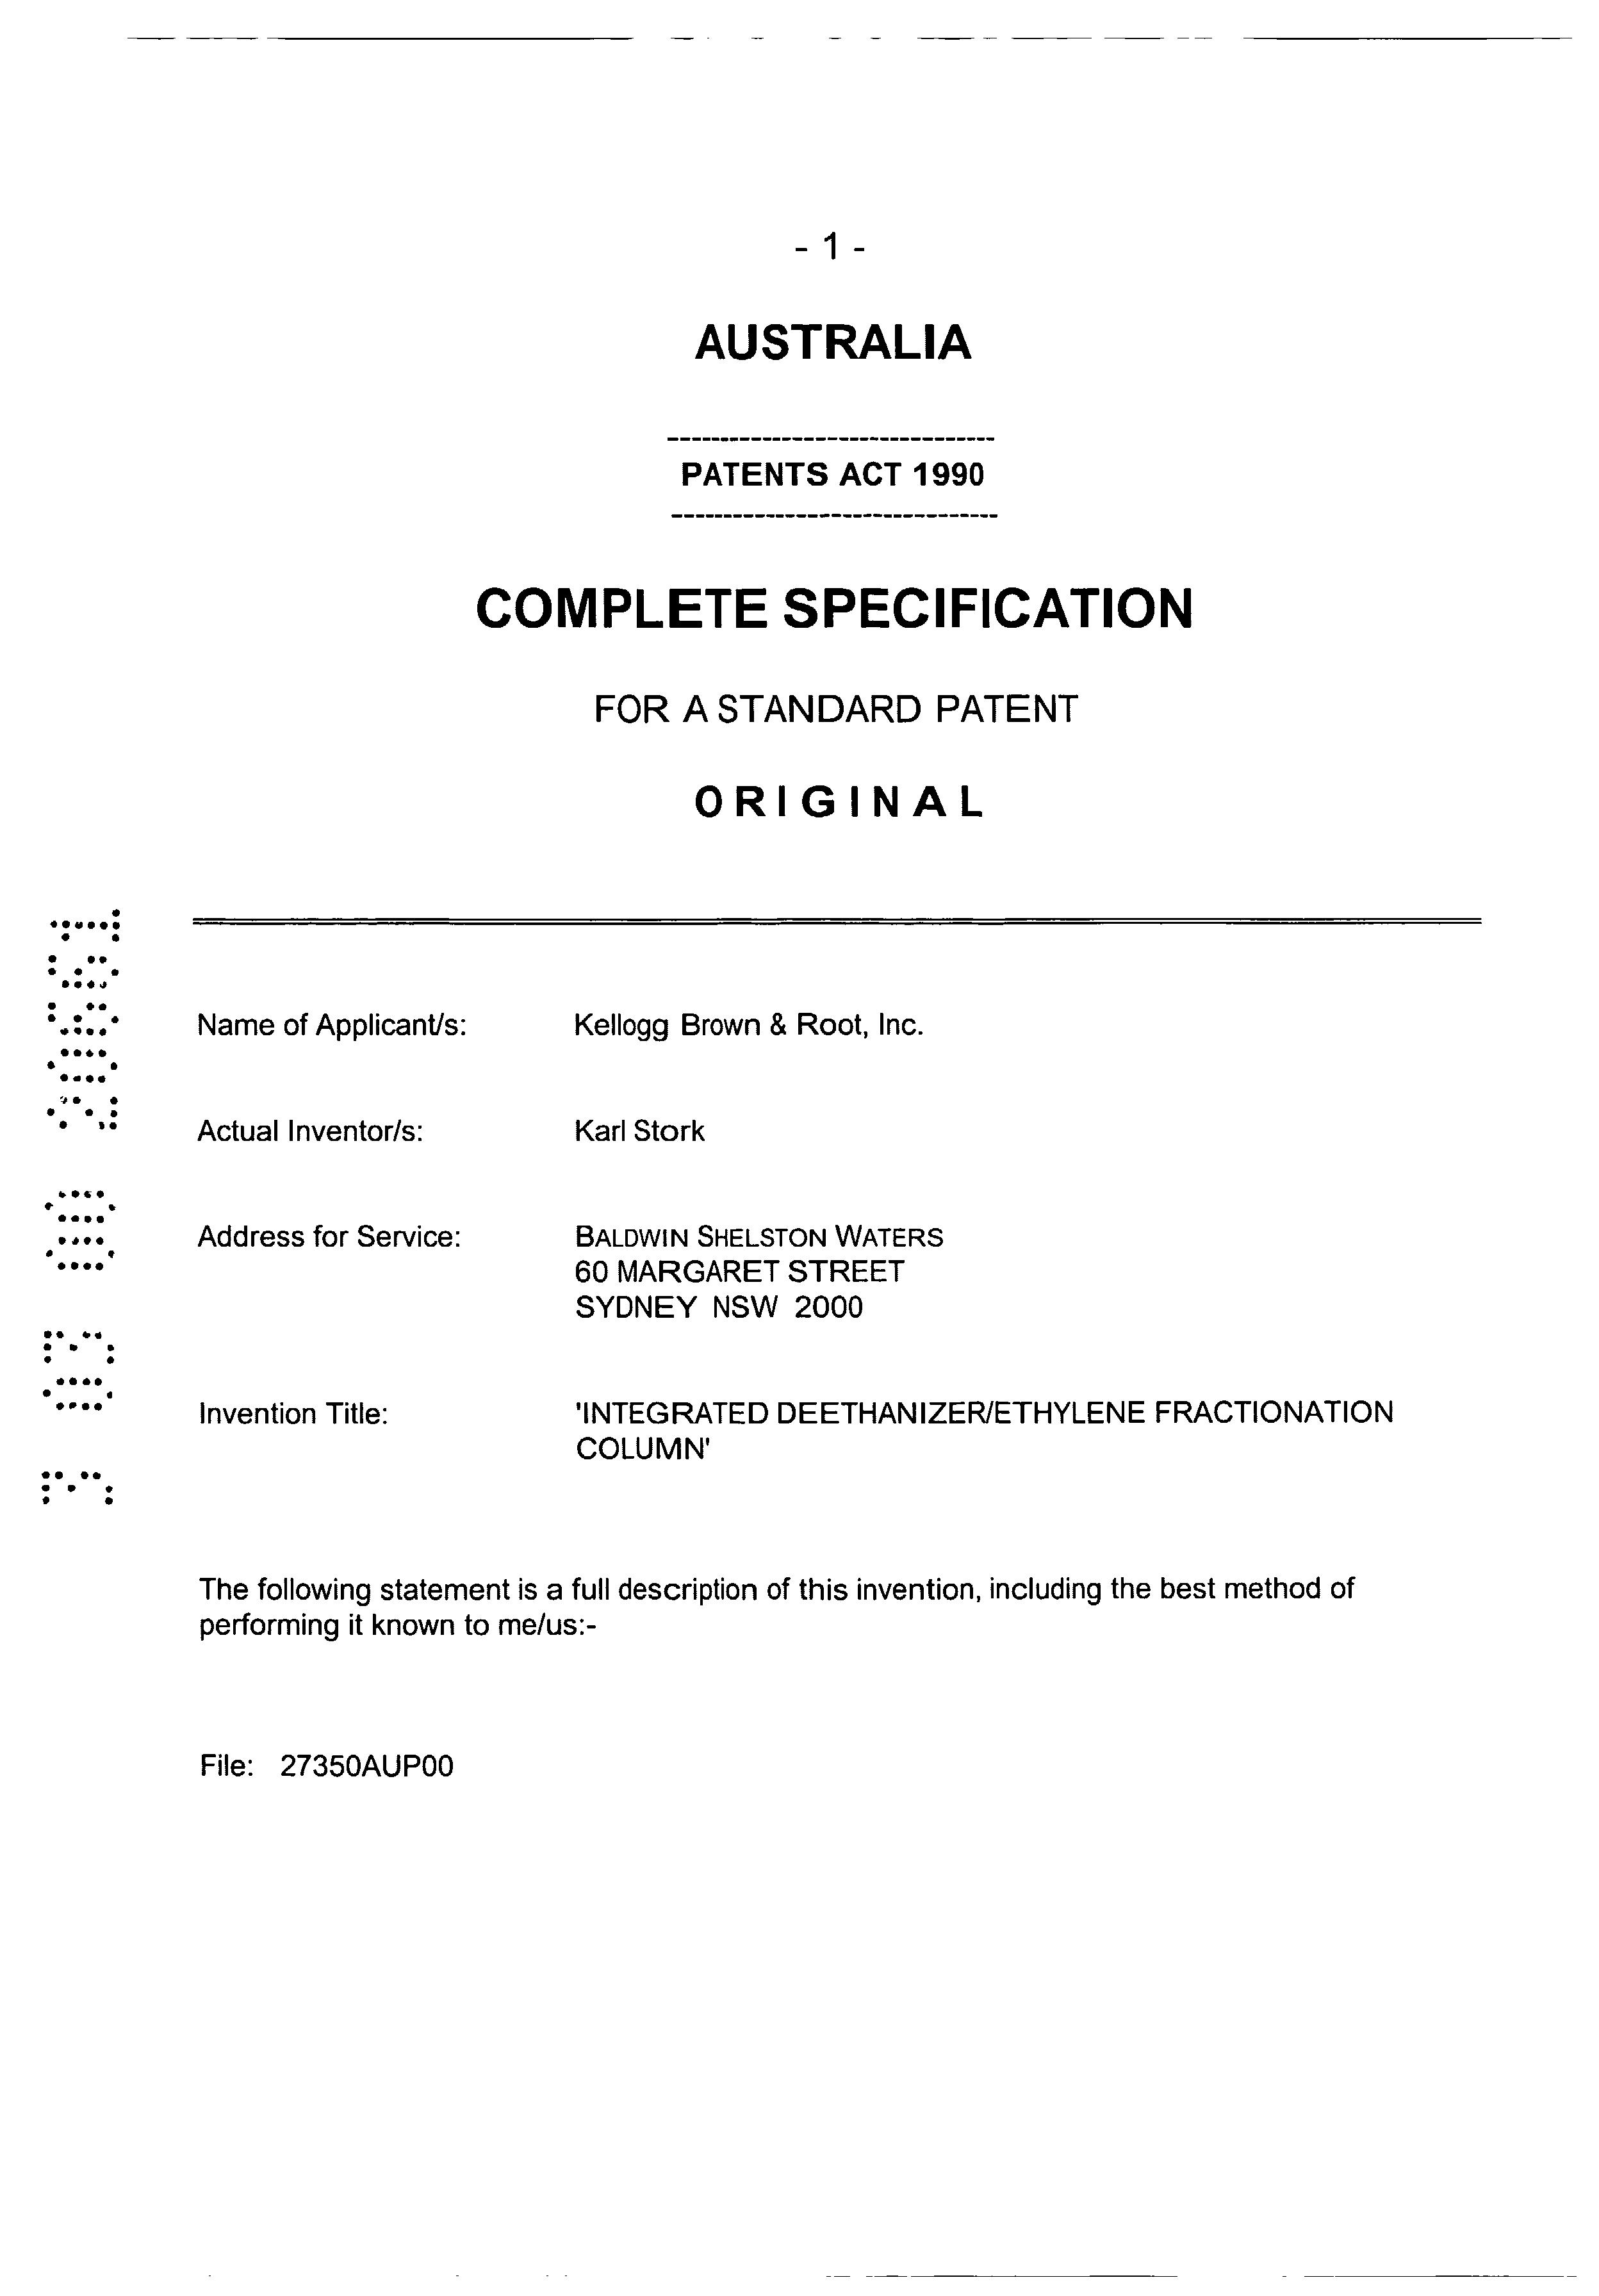 JP 2000273468 A - Integrated Deethanizer/ethylene